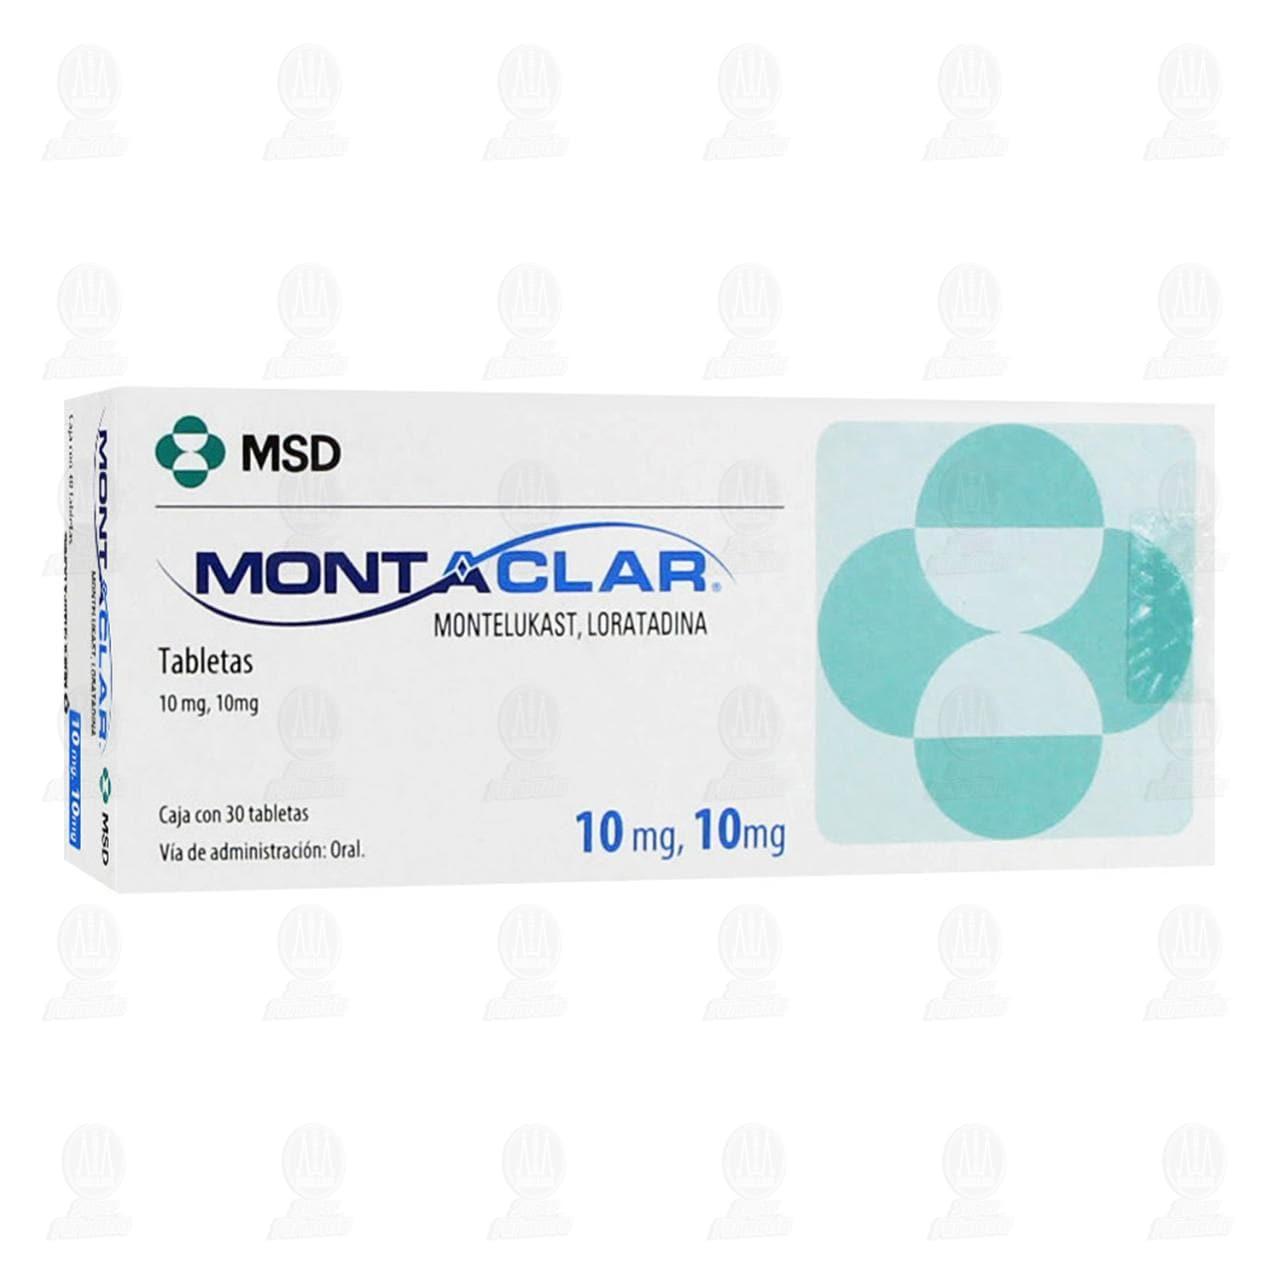 Comprar Montaclar 10mg/10mg 30 Tabletas en Farmacias Guadalajara